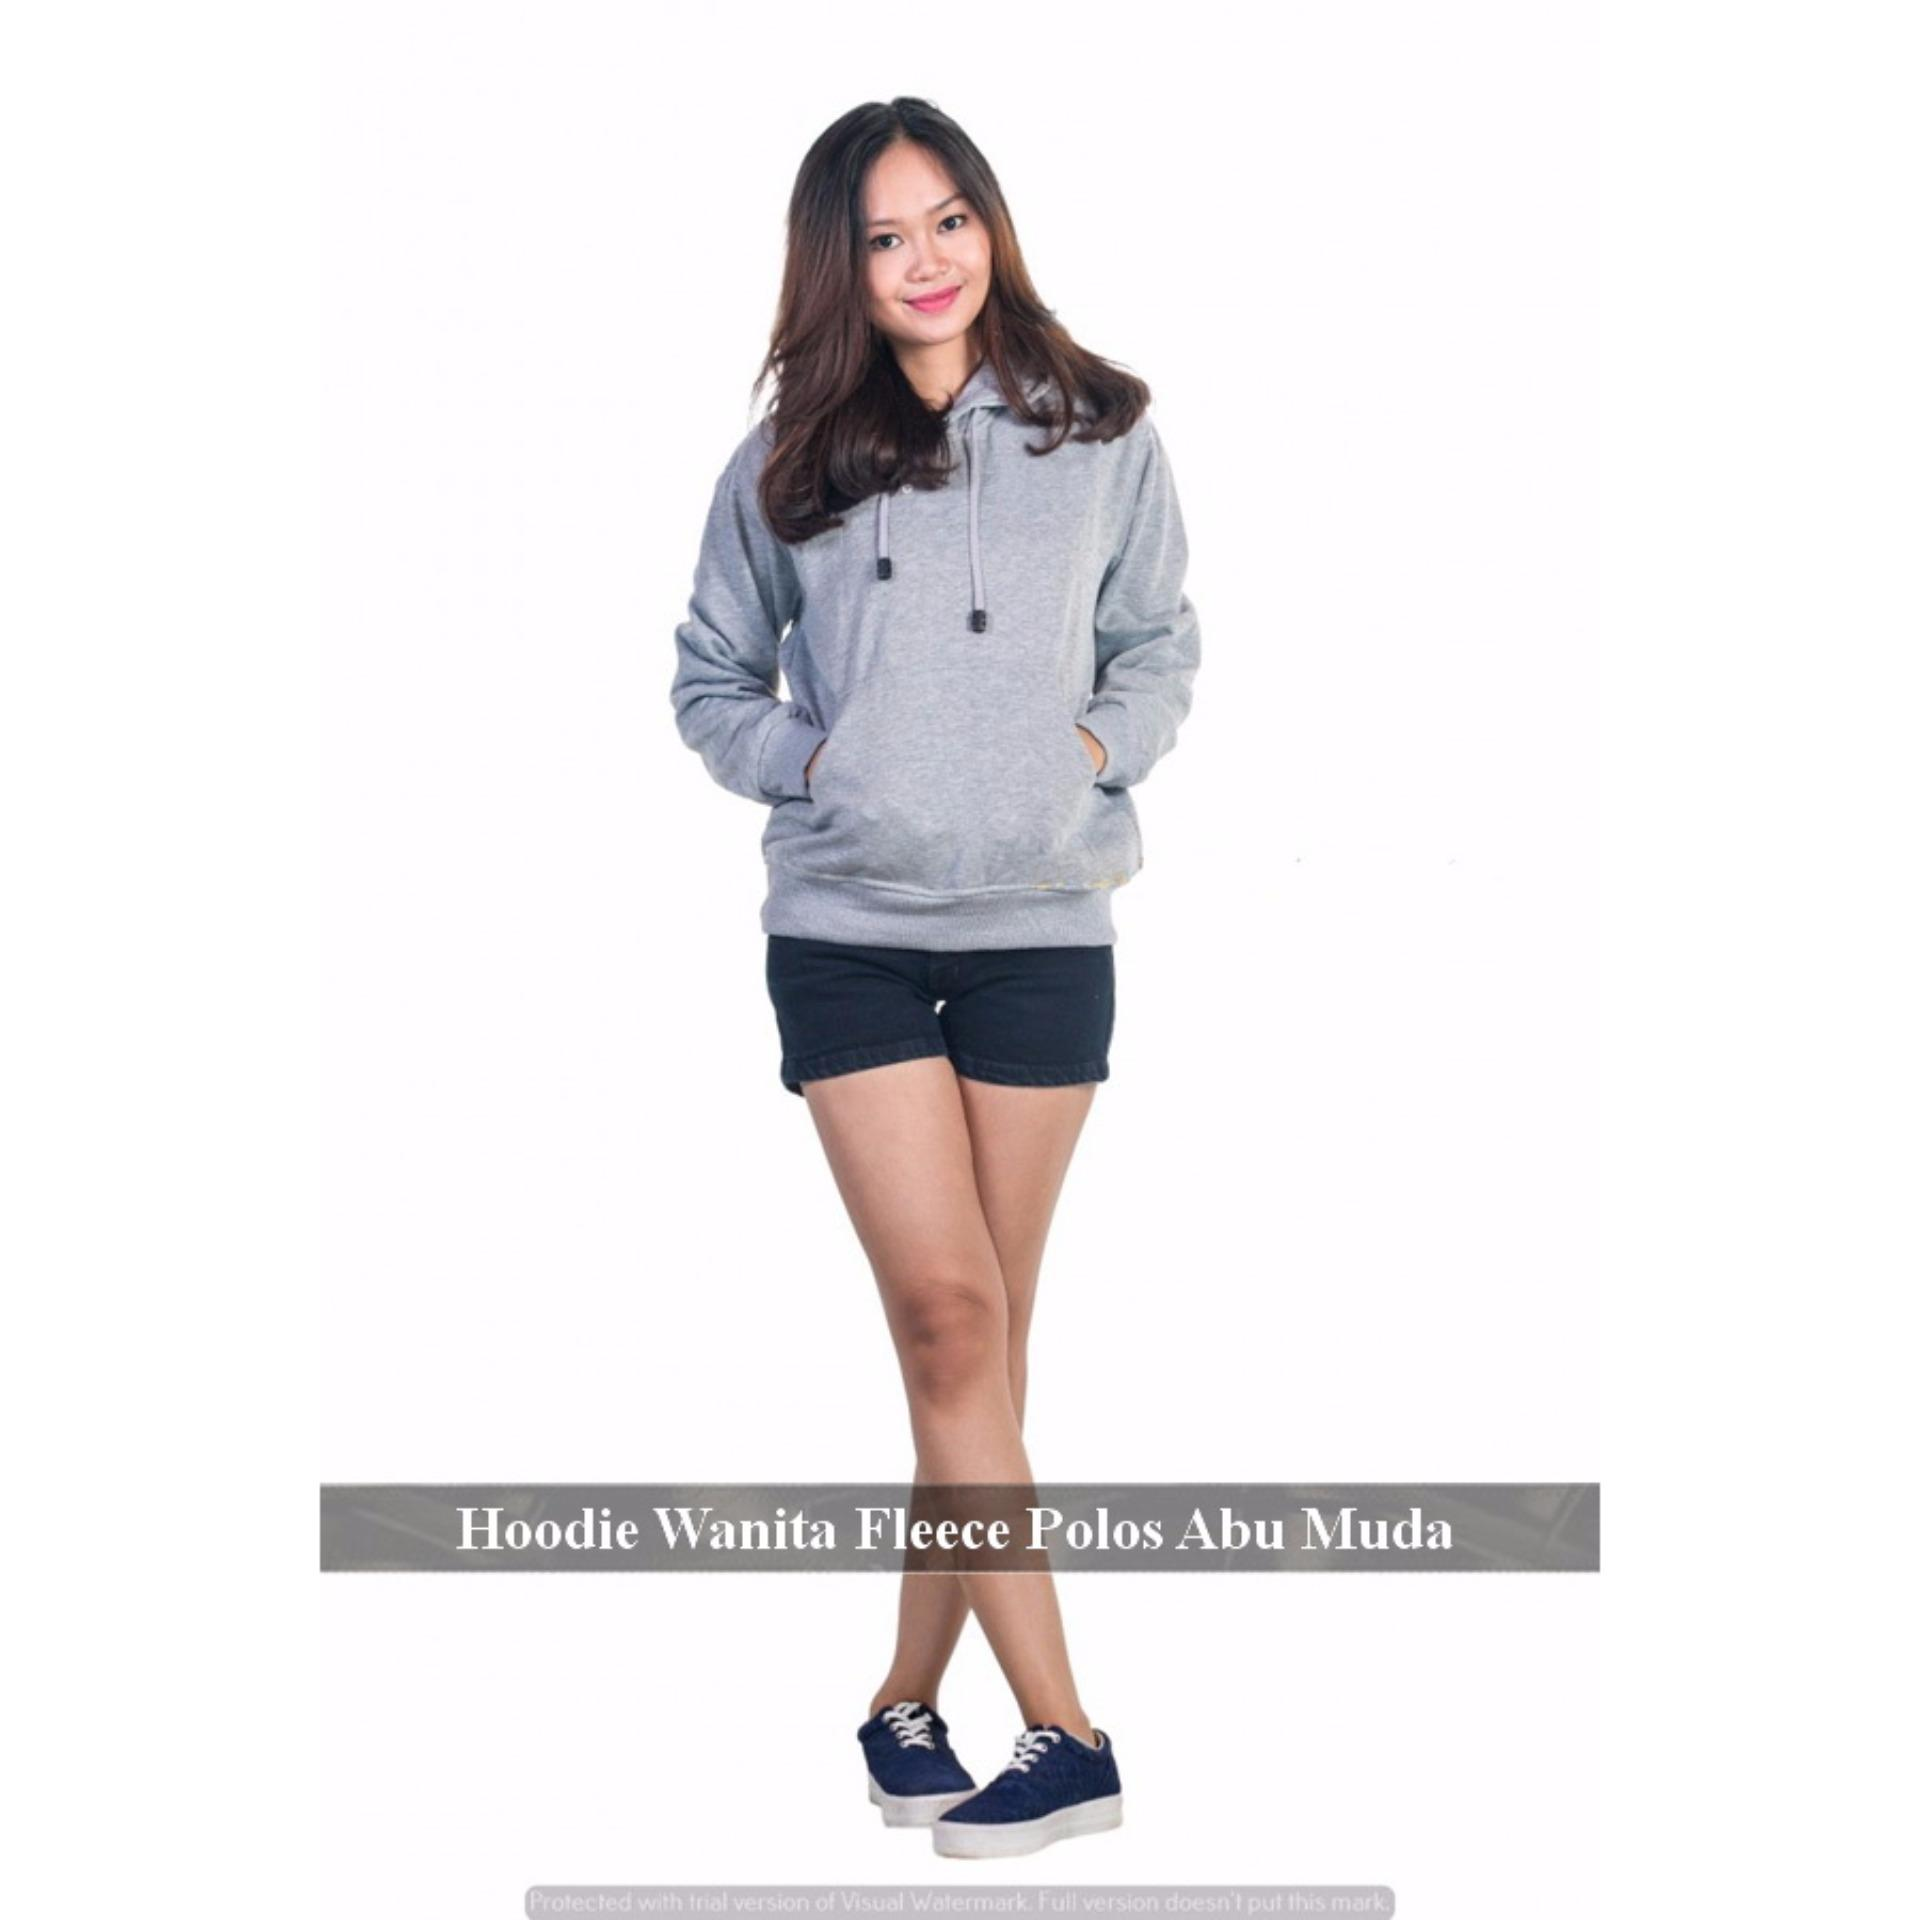 Kualitas Grosir Jaket Murah Sweater Hoodie Online Jumper Hoodie Wanita Polos Abu Muda Fleece Jaket Pria